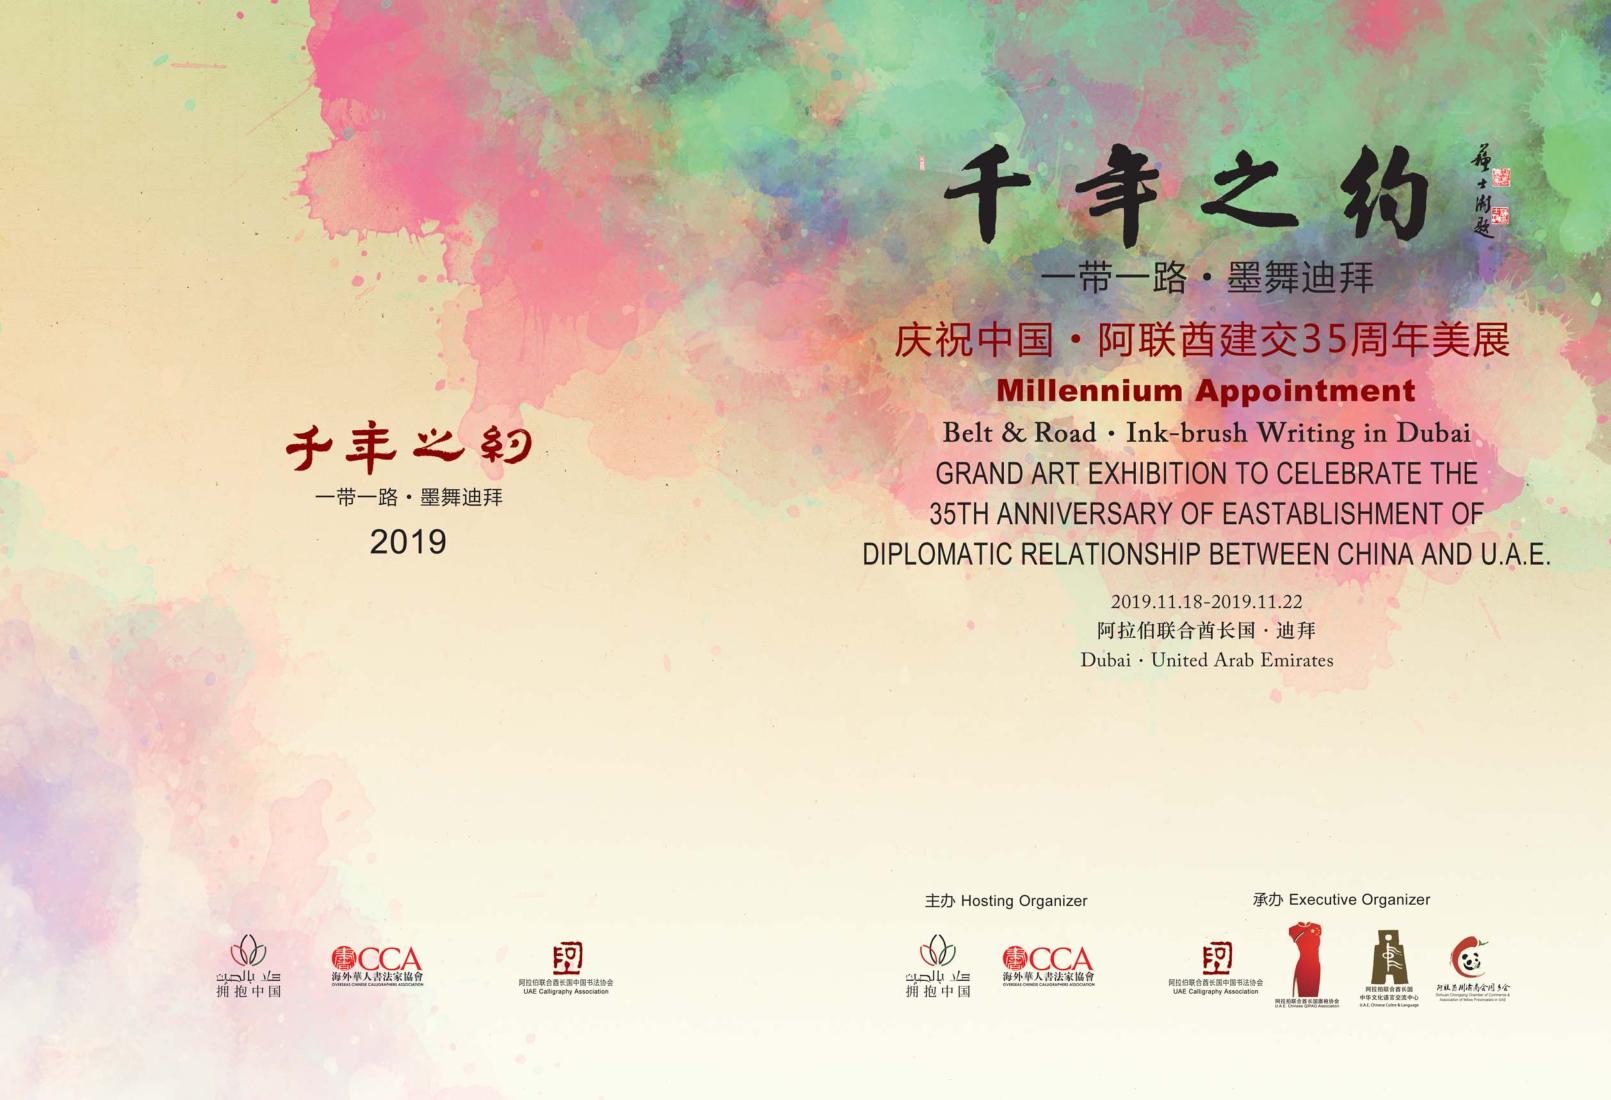 千年之约 庆祝中国*阿联酋建交35周年美展